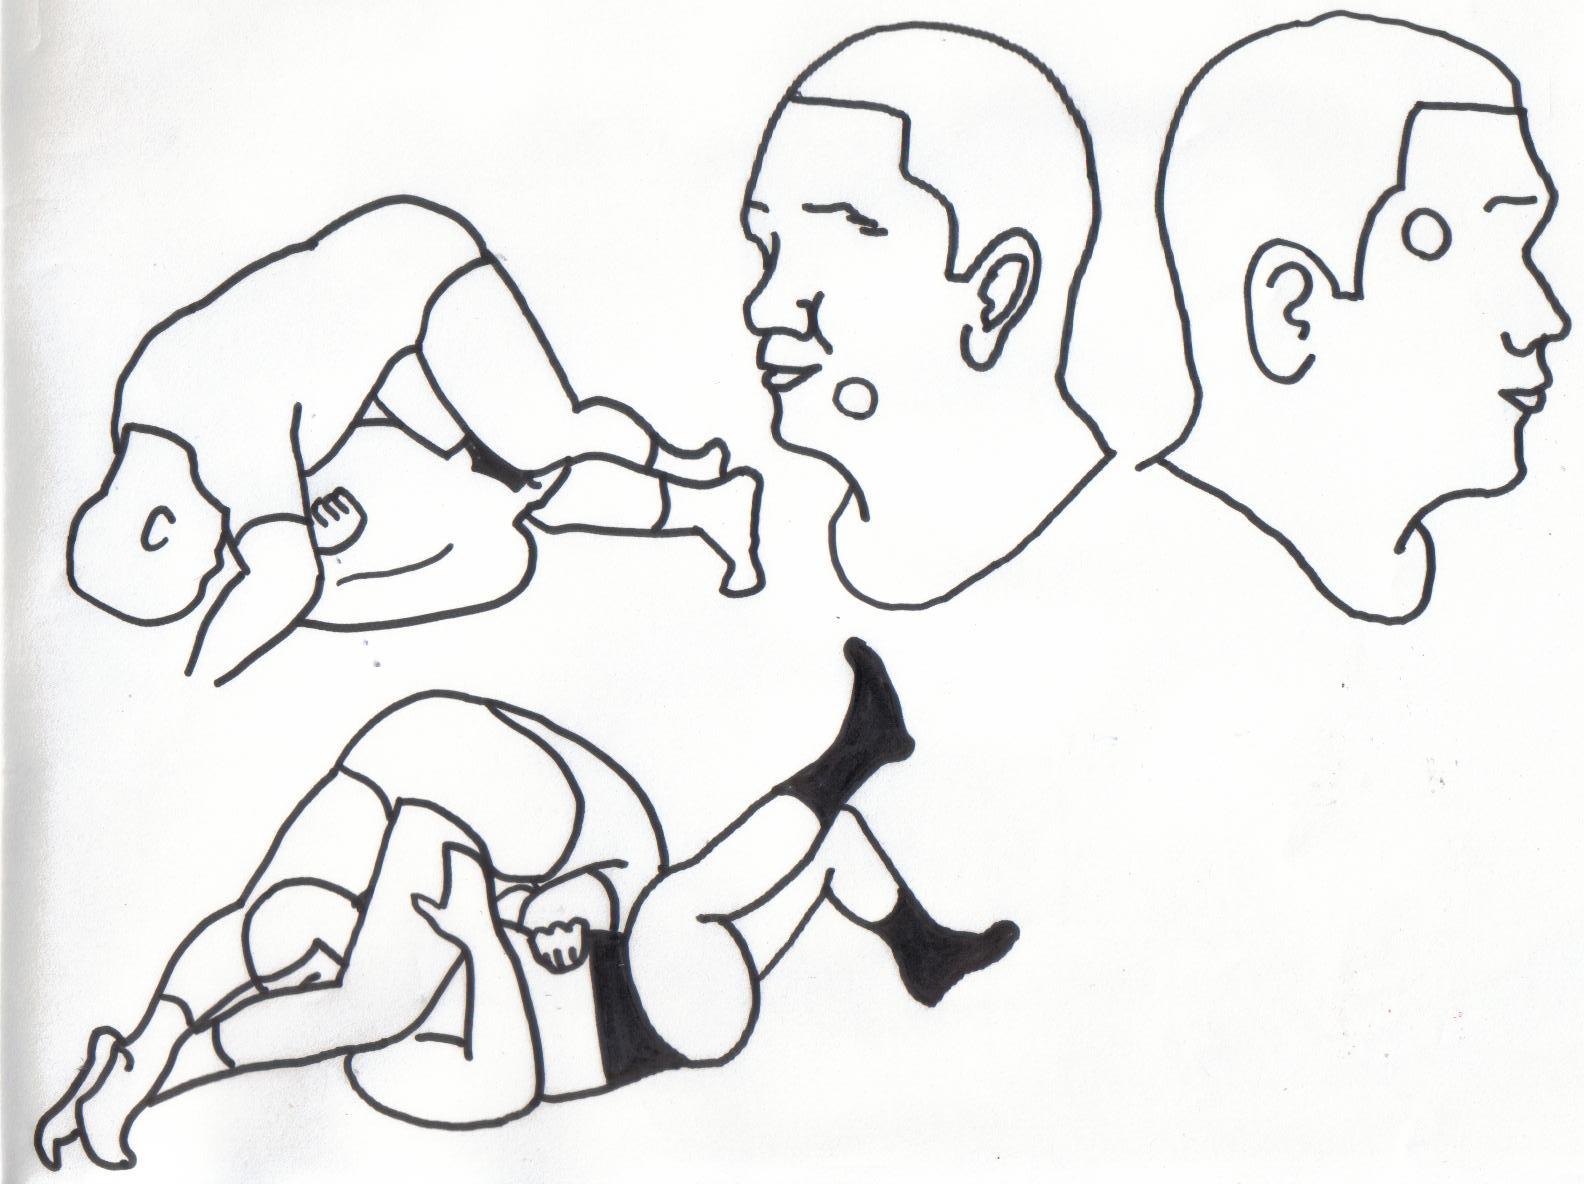 「幻の藤原ノート」のイラスト_f0170915_1648113.jpg